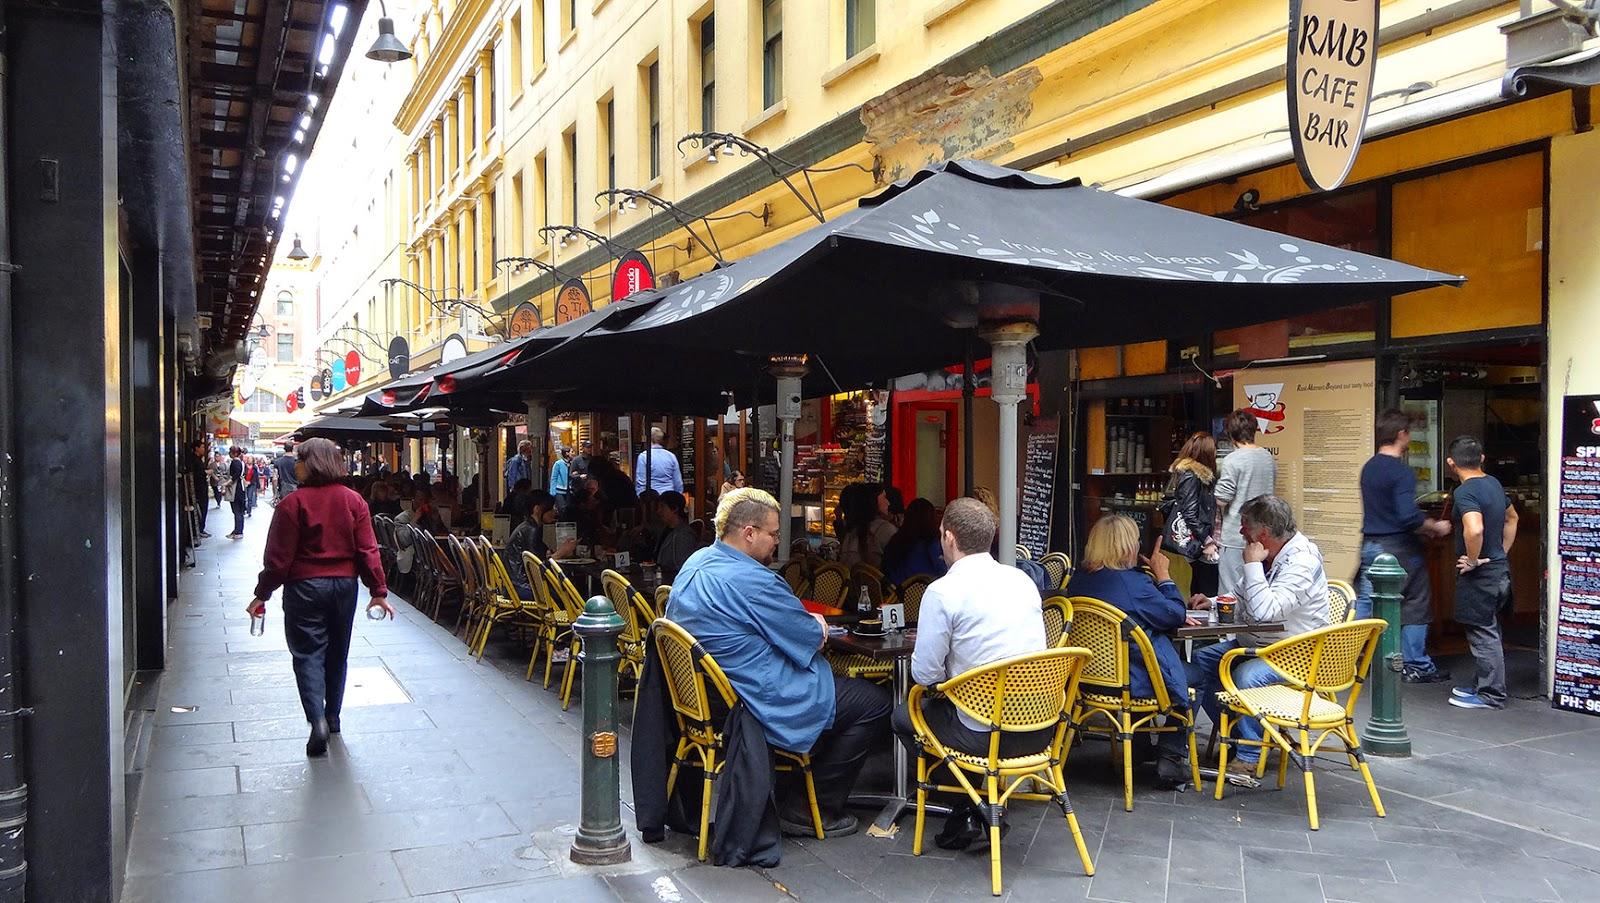 Black jack cafe port melbourne